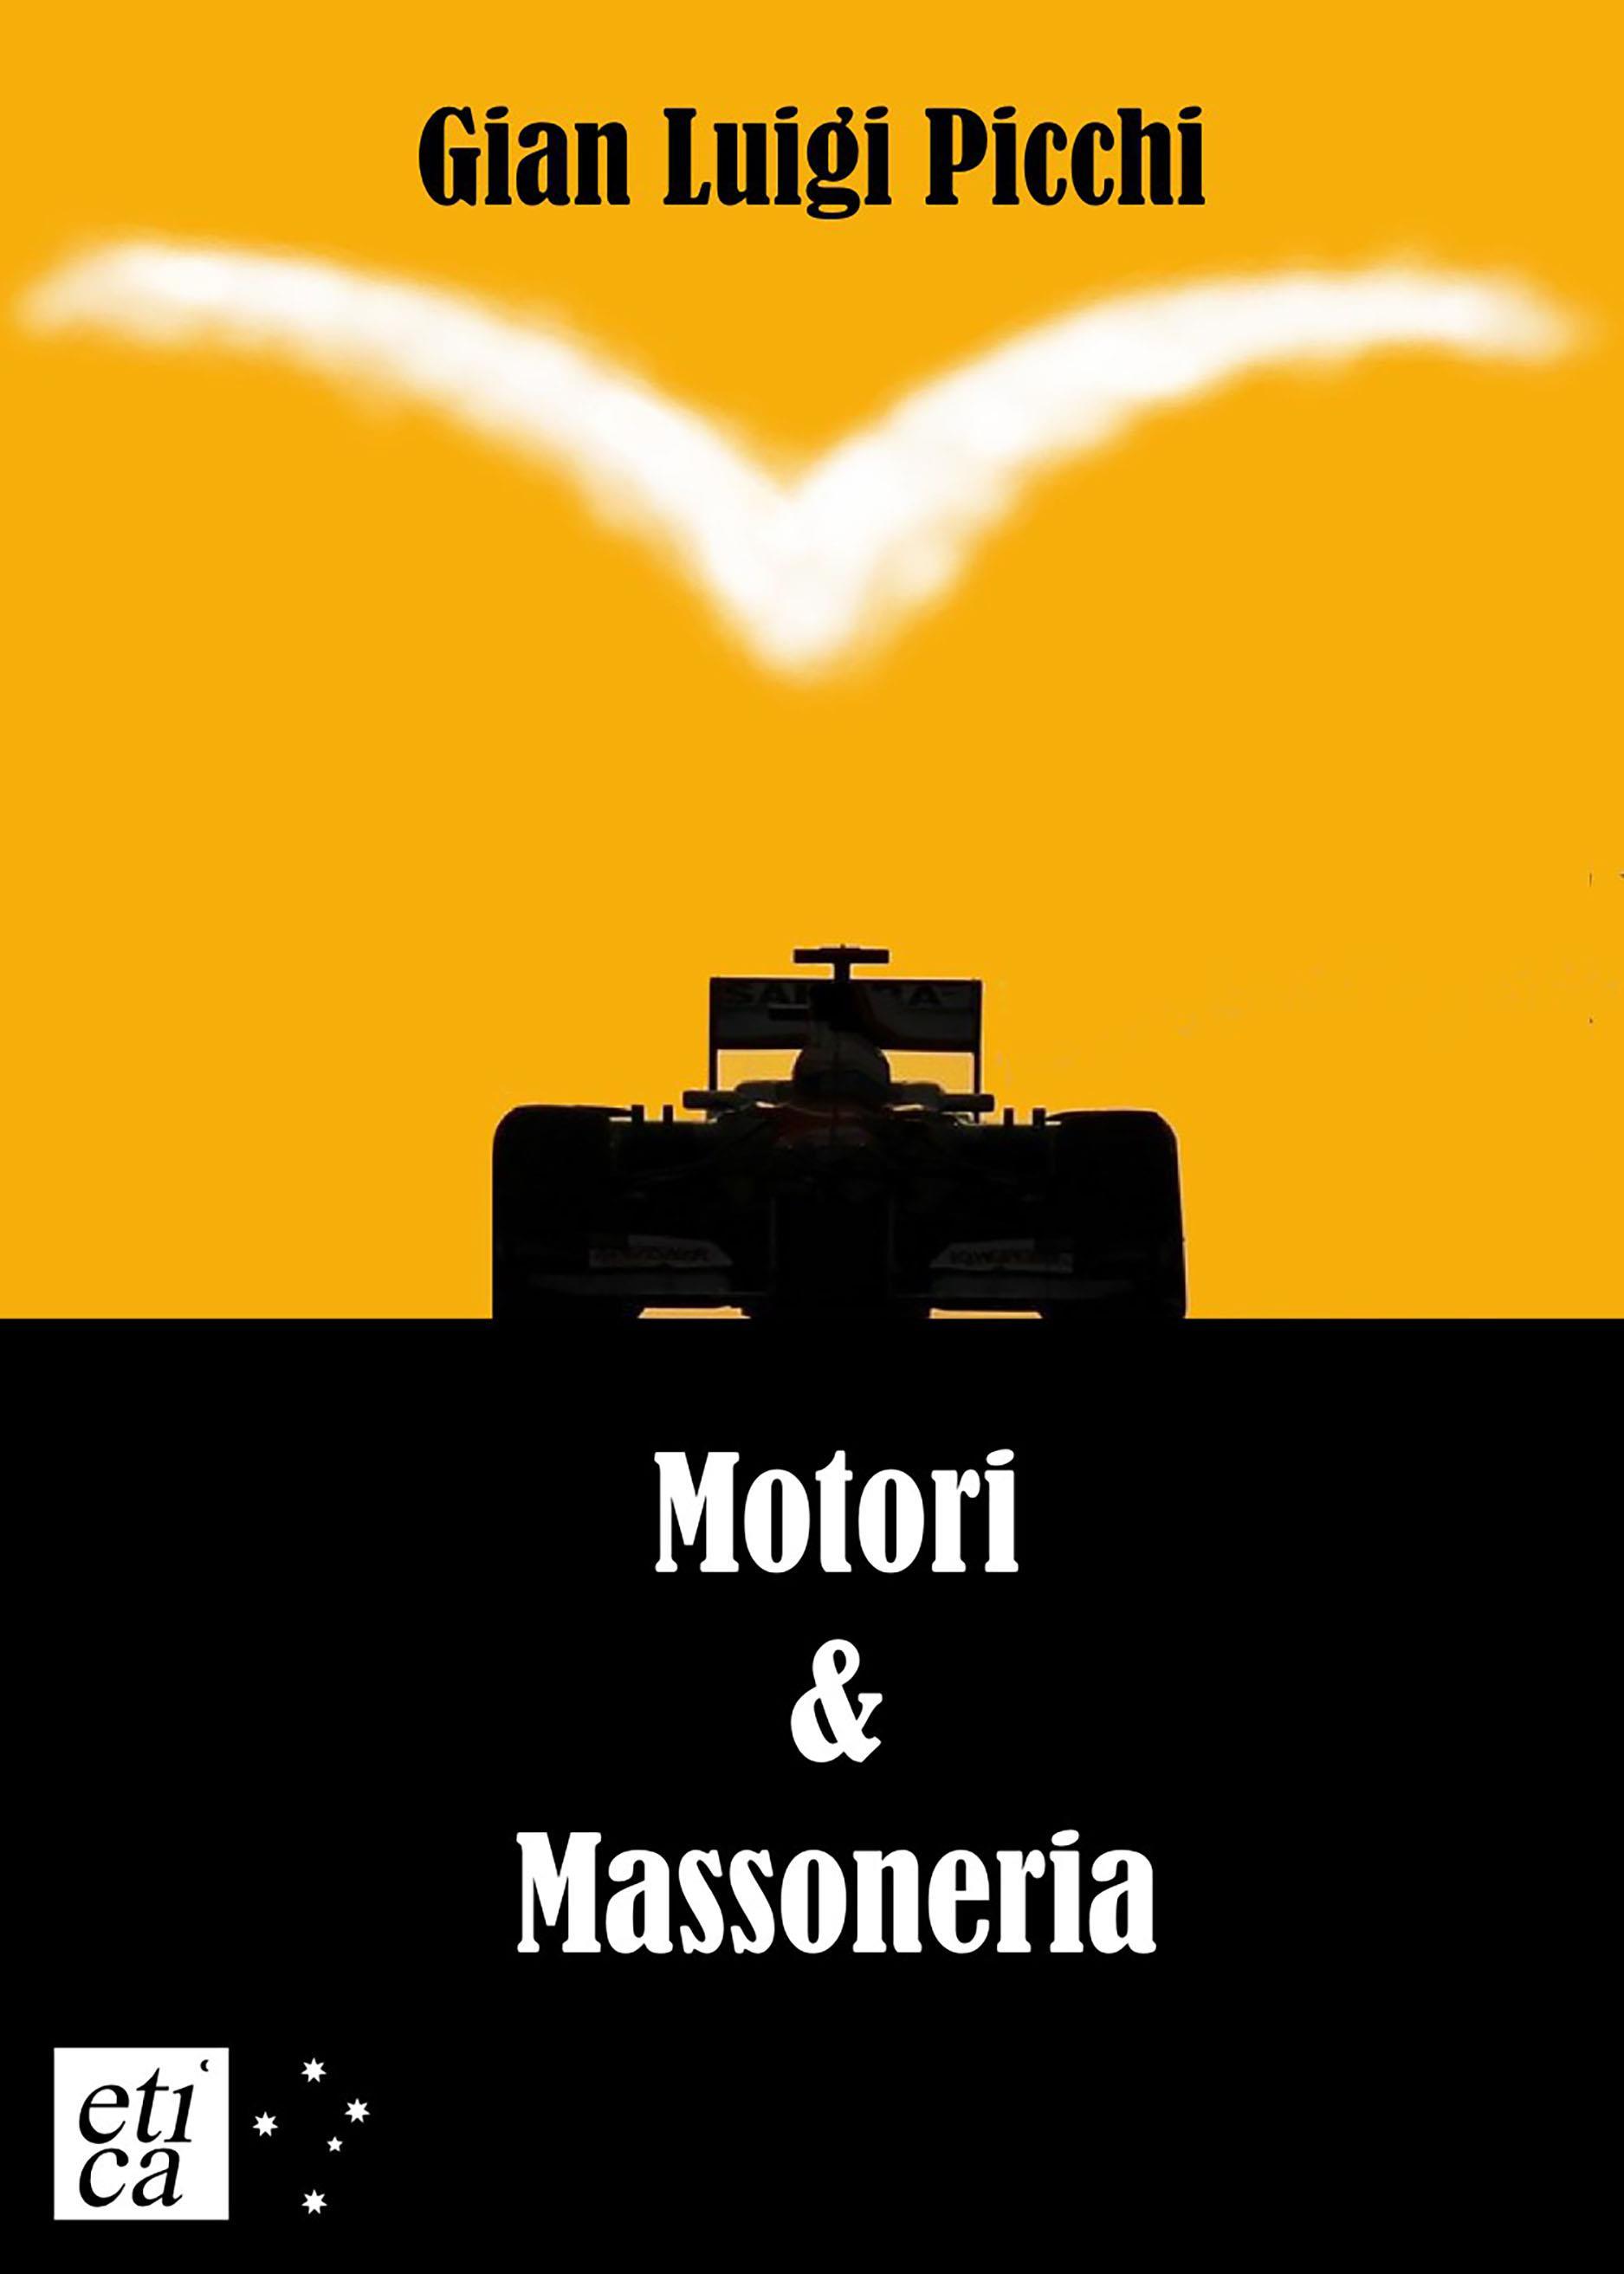 Motori & Massoneria